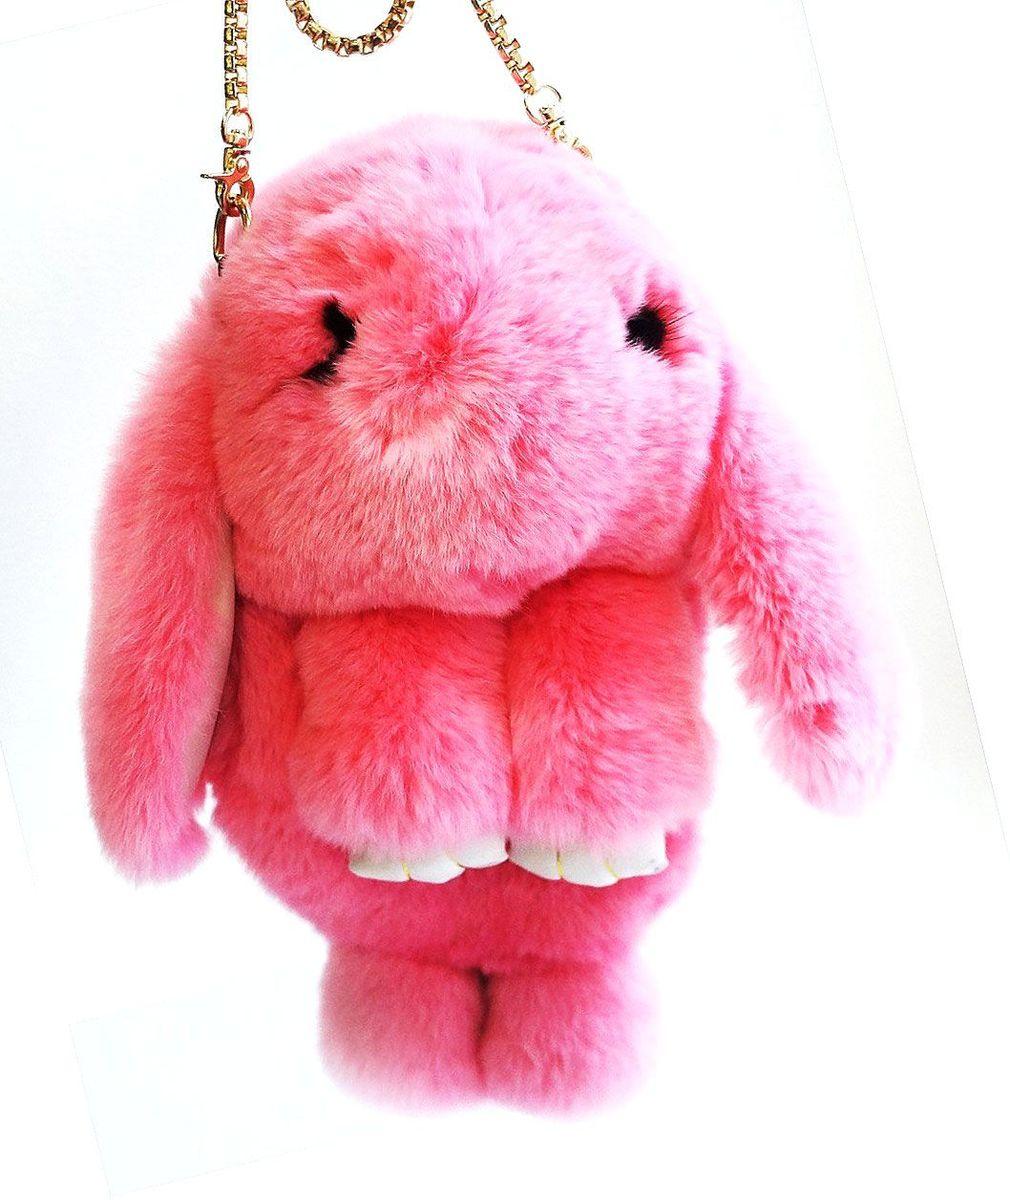 Рюкзак детский Пушистый кролик цвет розовый -  Ранцы и рюкзаки